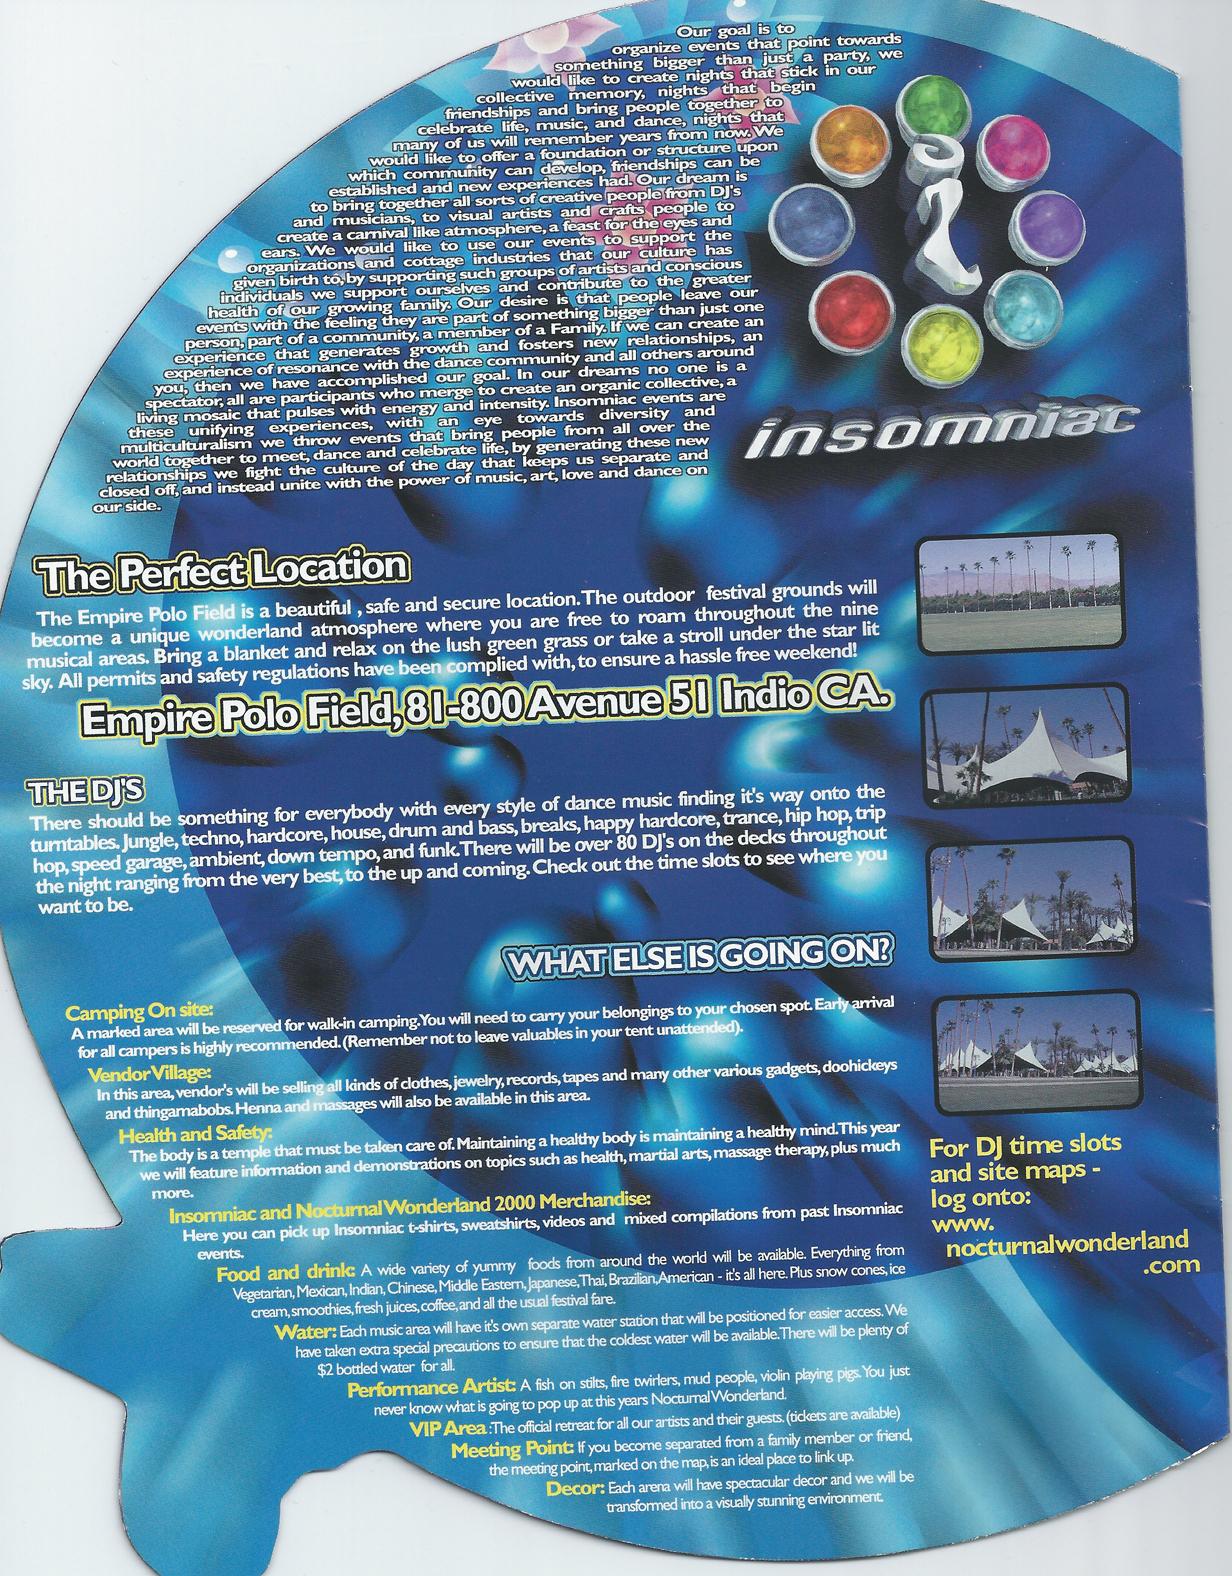 Nocturnal Wonderland Sept 2 2000 page 2